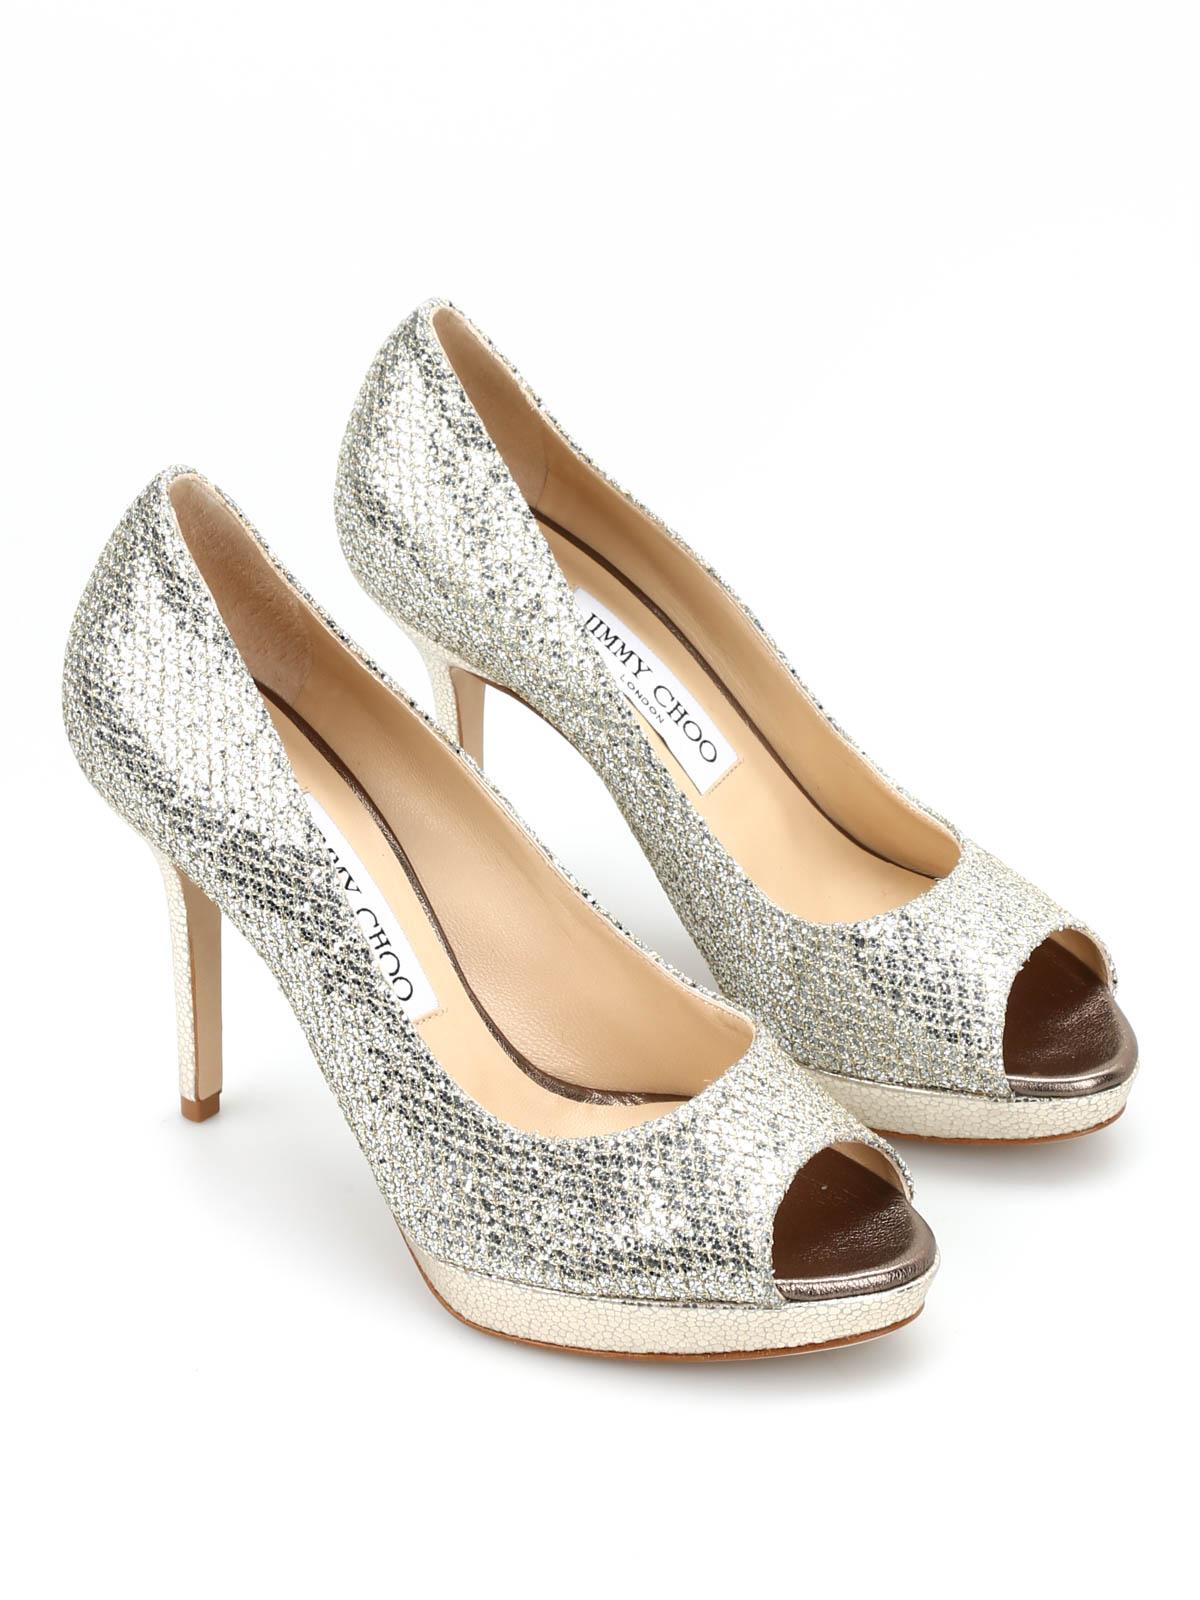 Stella Luna Shoes Online Shop